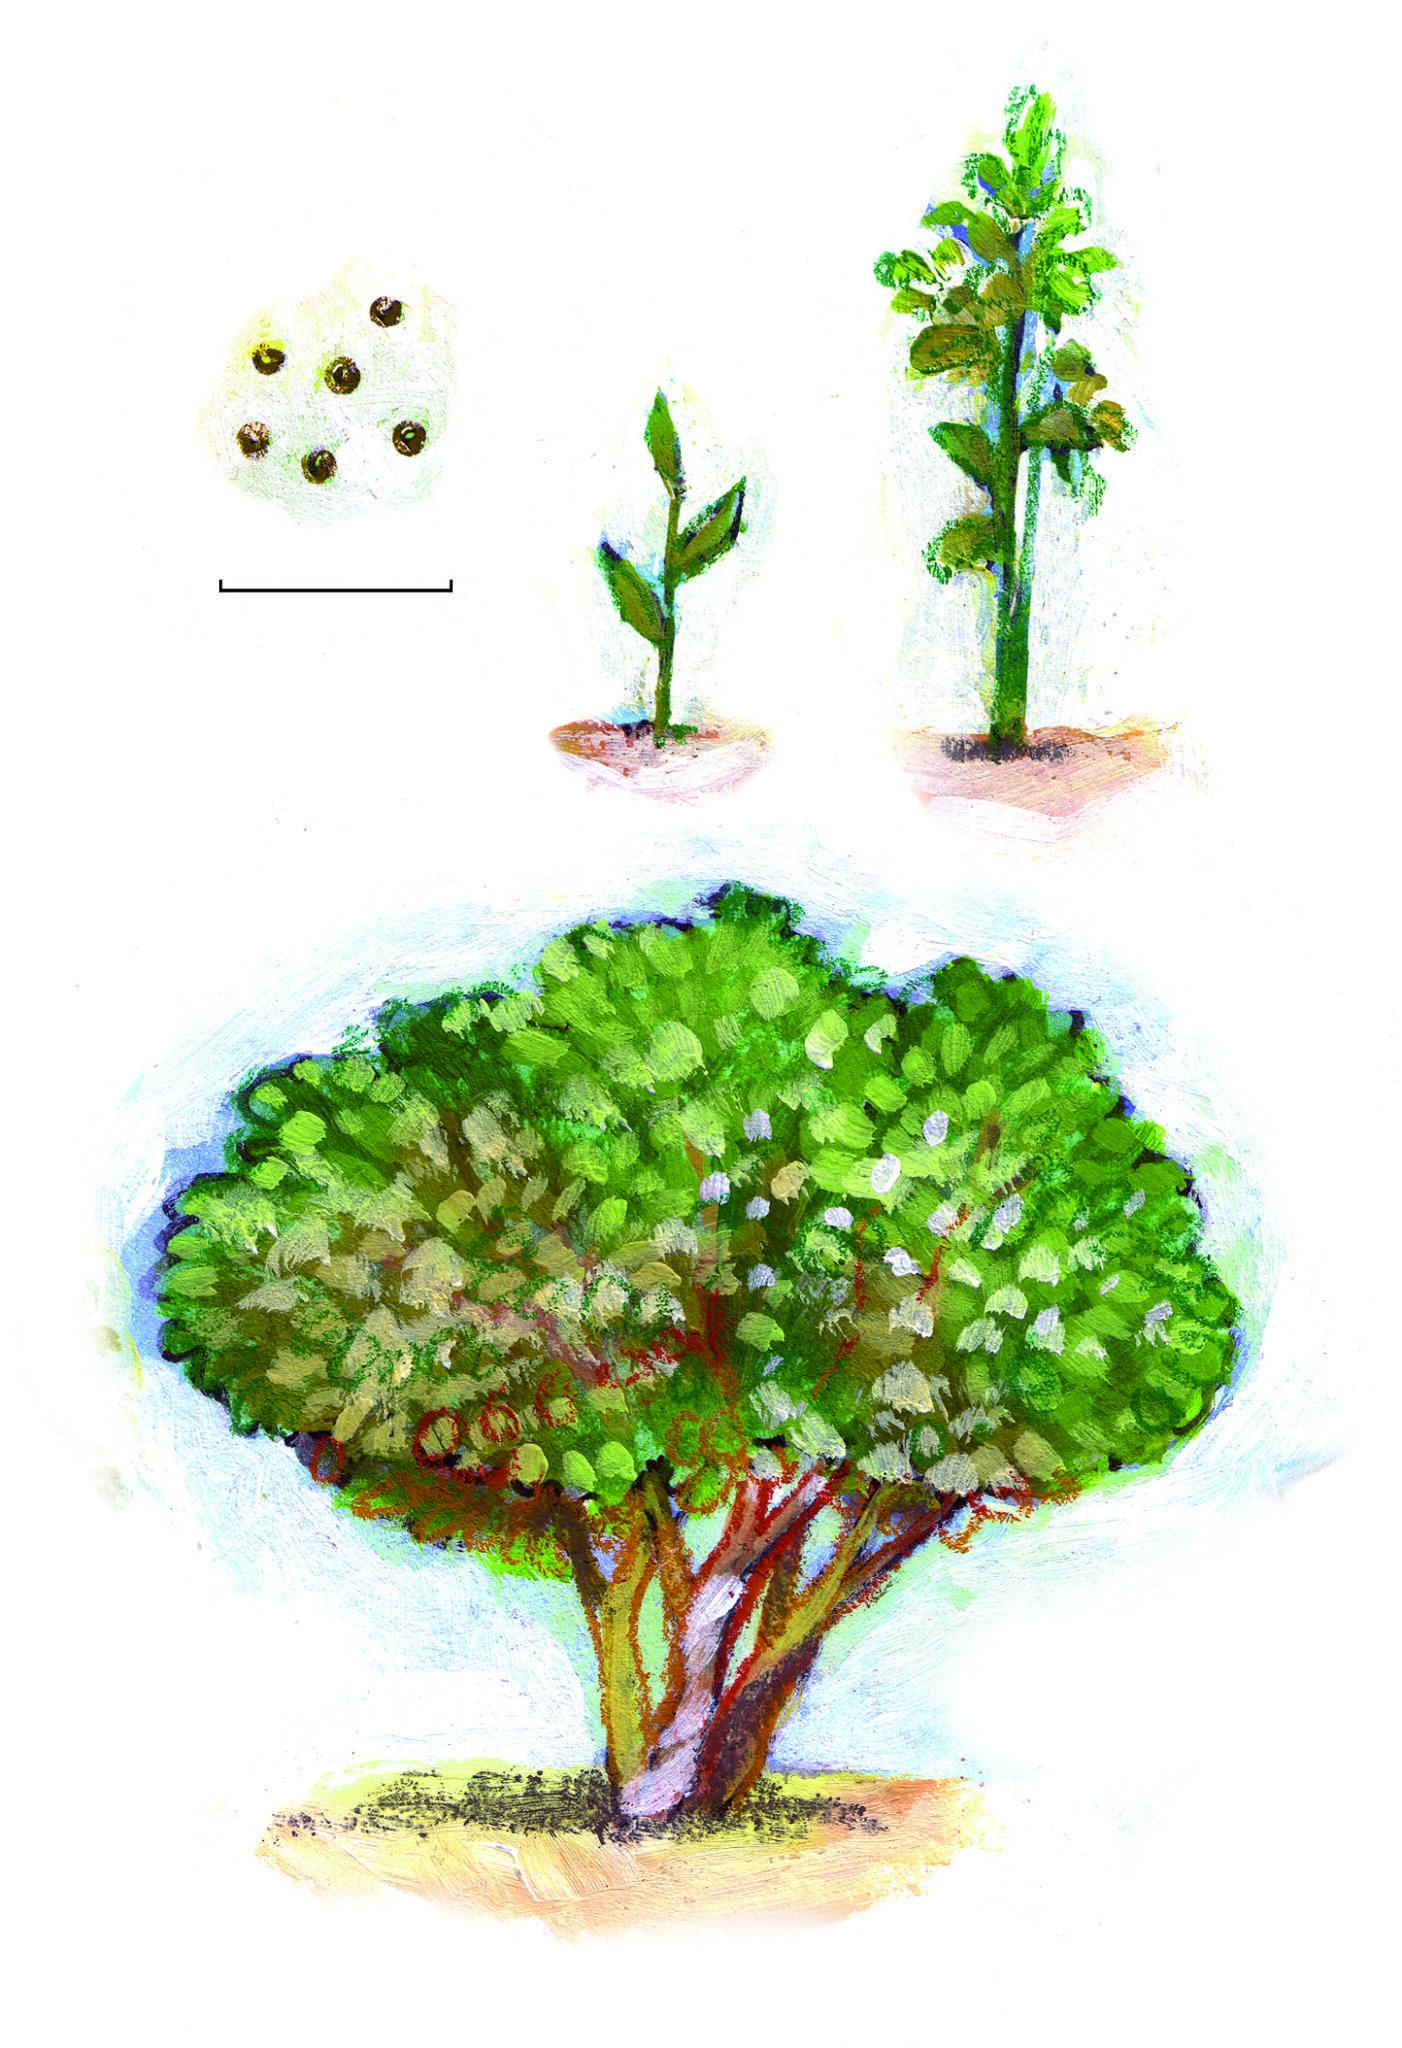 Mosterdzaadjes – Het piepkleine zaadje